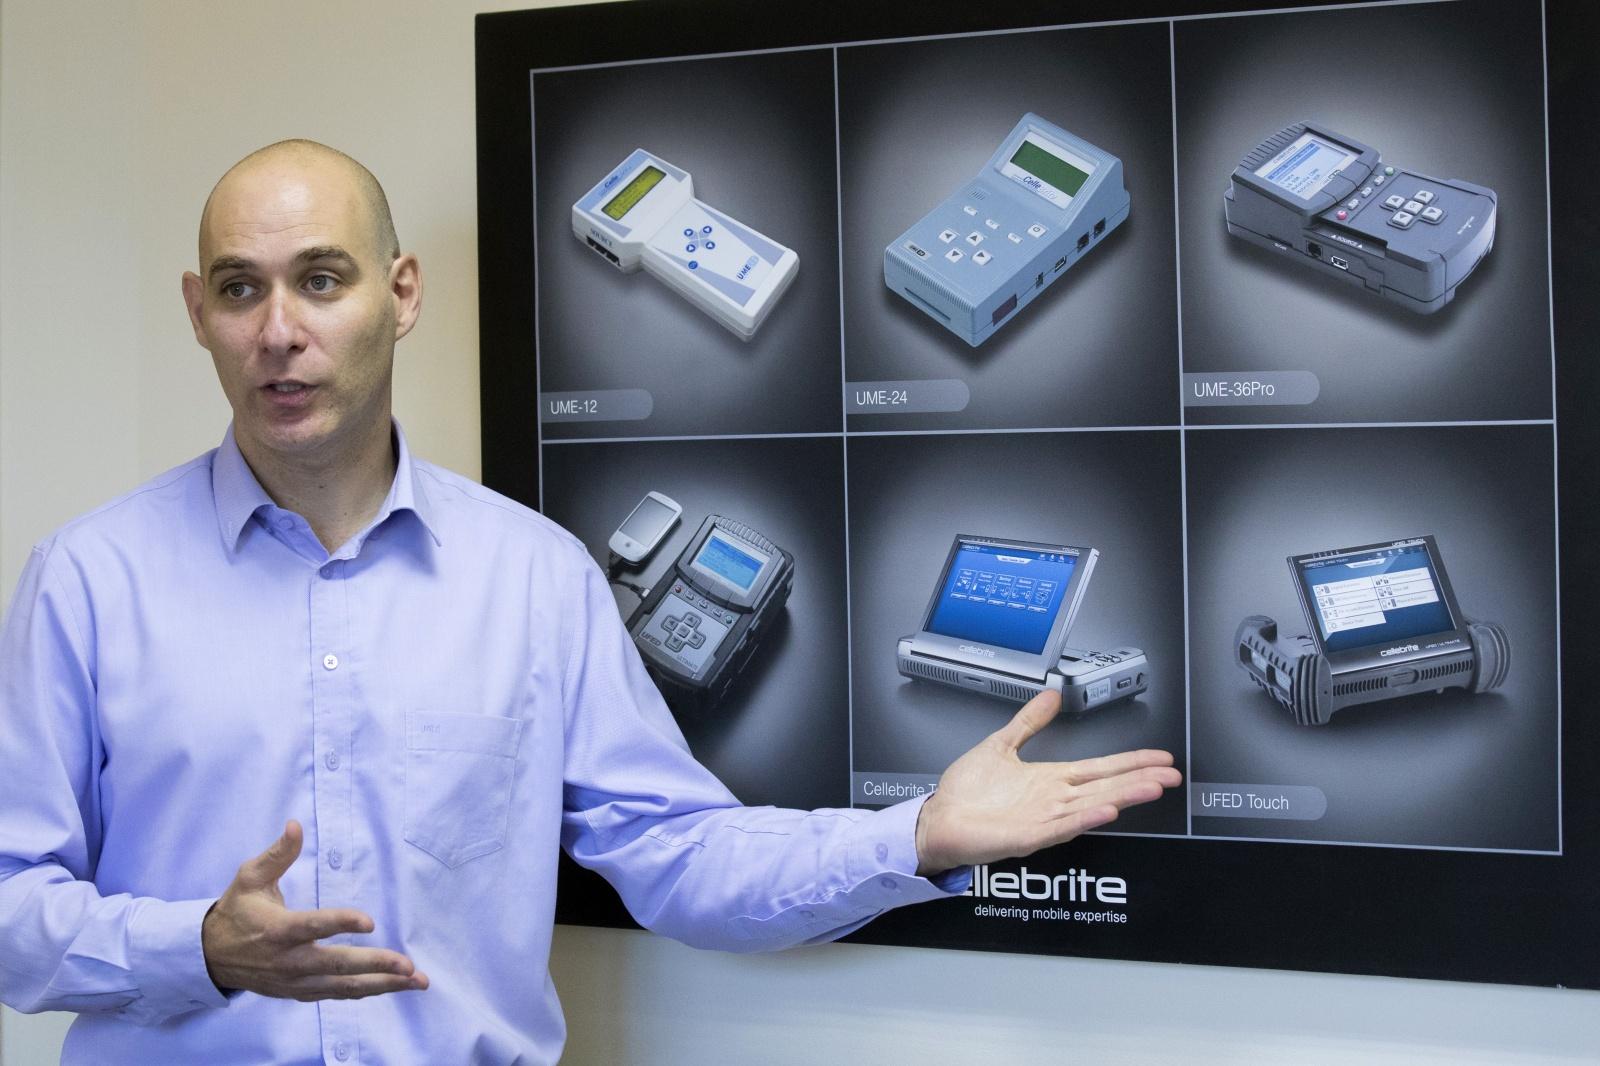 Взломан израильский разработчик ПО для взлома смартфонов Cellebrite - 1